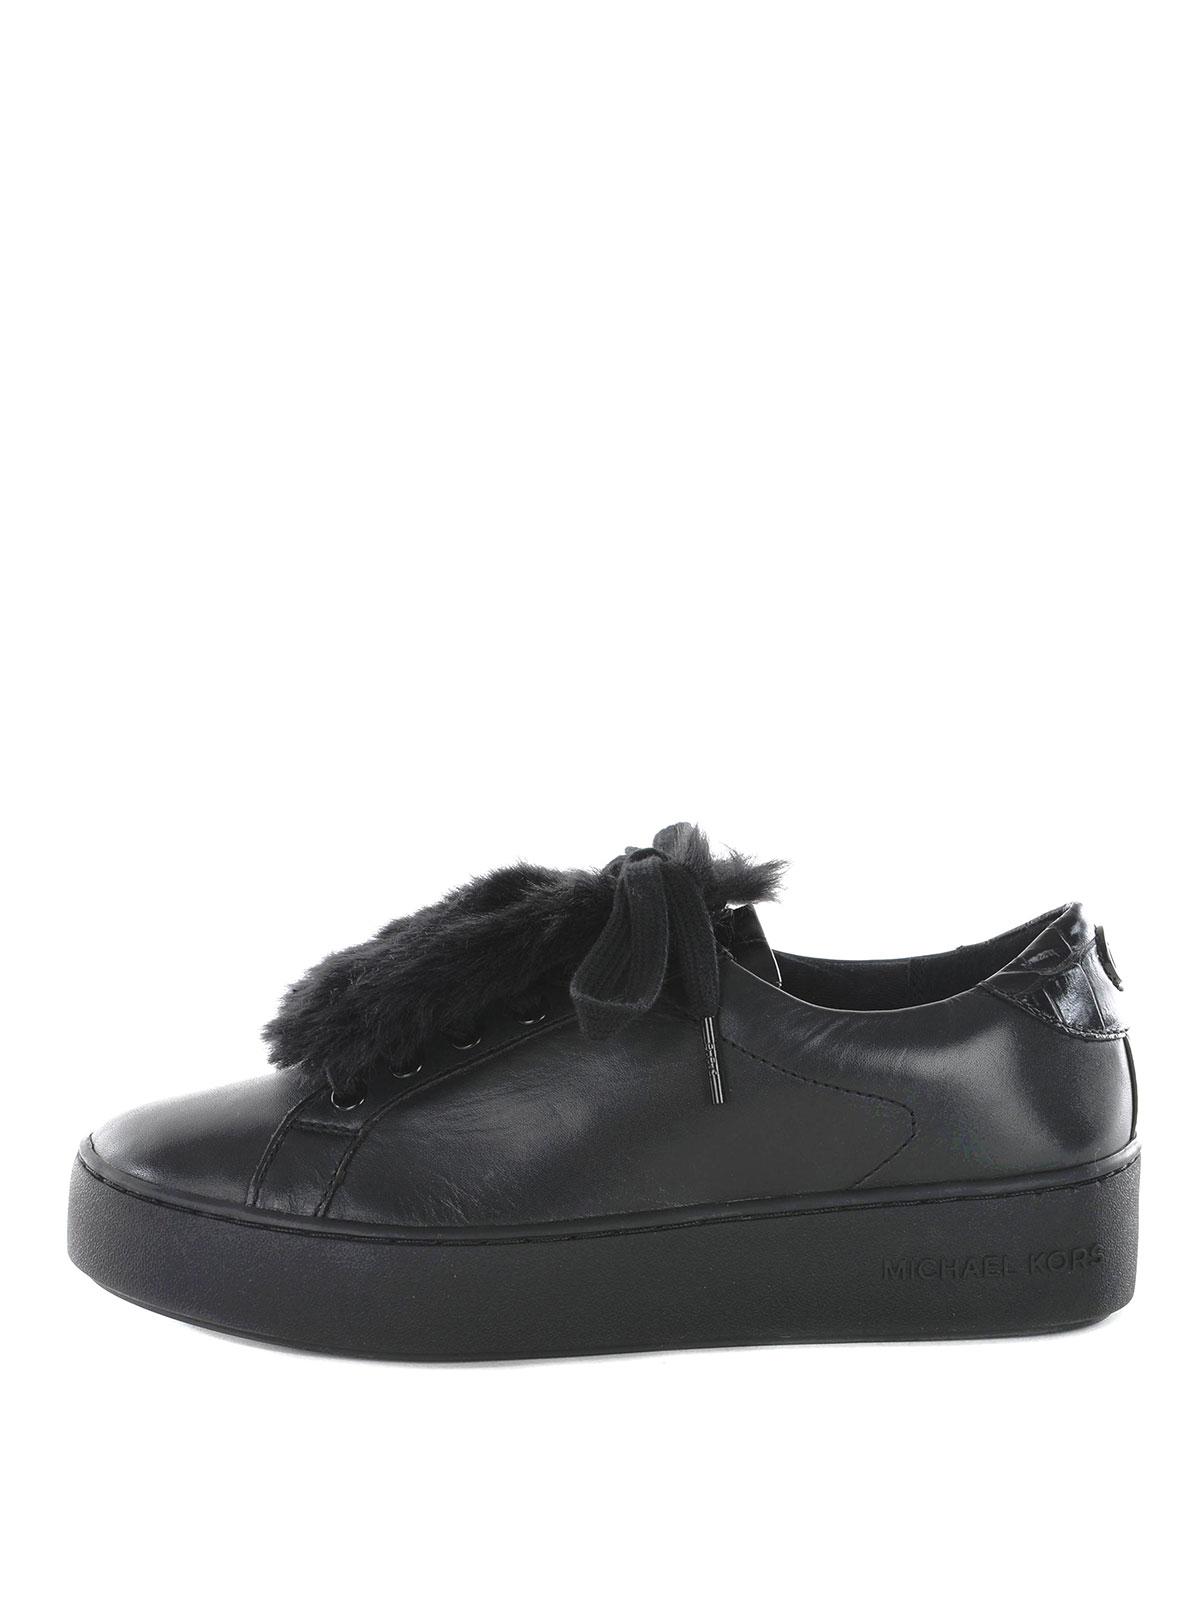 Kors Pelliccia Pelle Sneakers Con Sneaker Finta Michael 4RLq5A3j